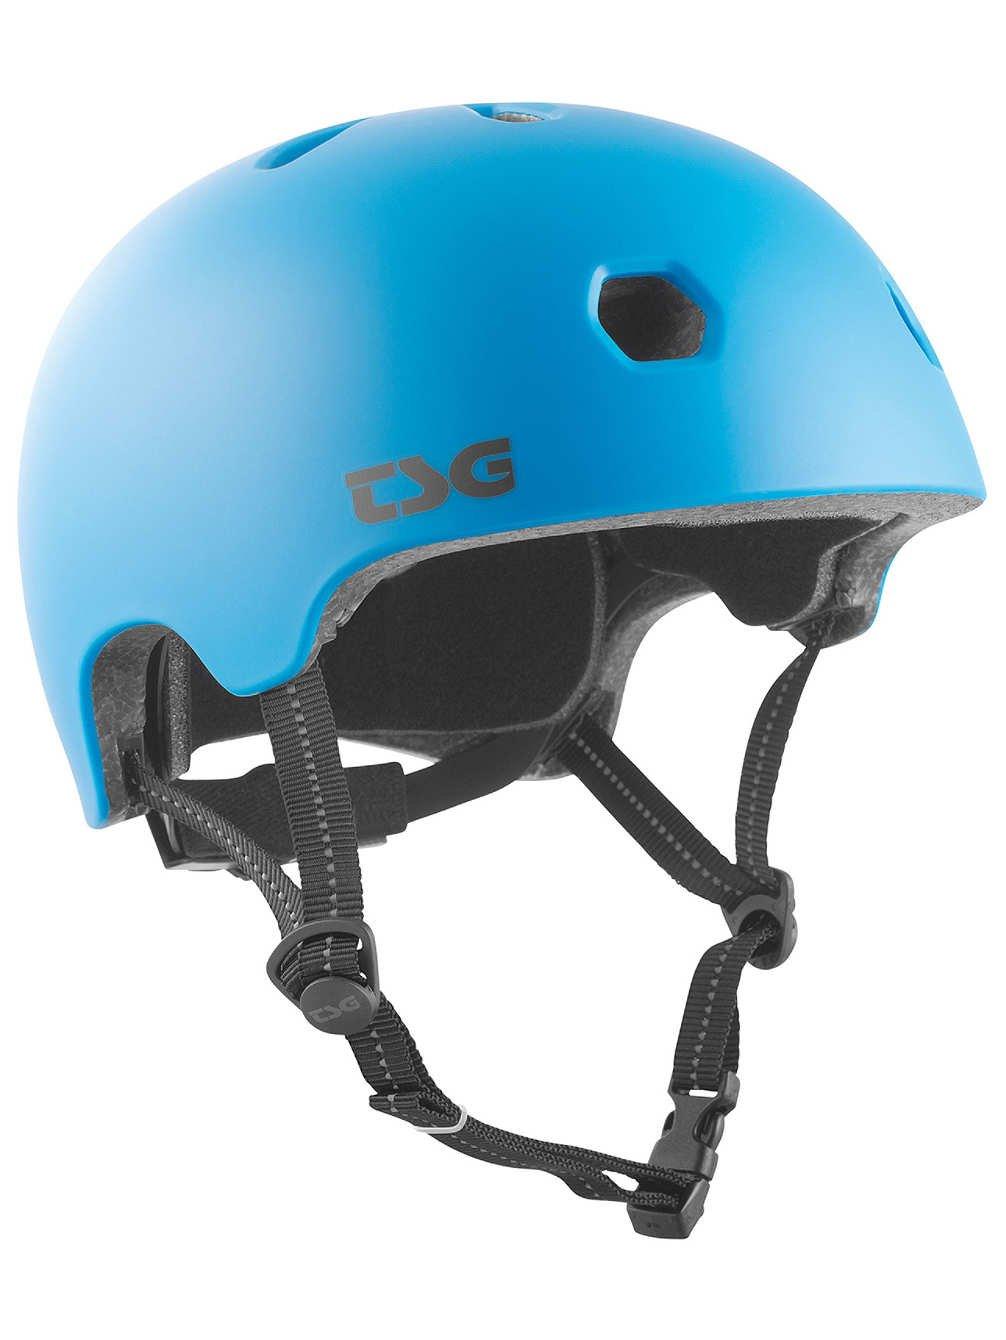 世界的に有名な TSG - XL XL メタ無地 - 自転車スケートボード用ヘルメット - B06XCXP6MJ L/ XL 5860センチメートル|サテンダークシアン サテンダークシアン L/ XL 5860センチメートル, アトラス 激安店:5ddbbccc --- a0267596.xsph.ru